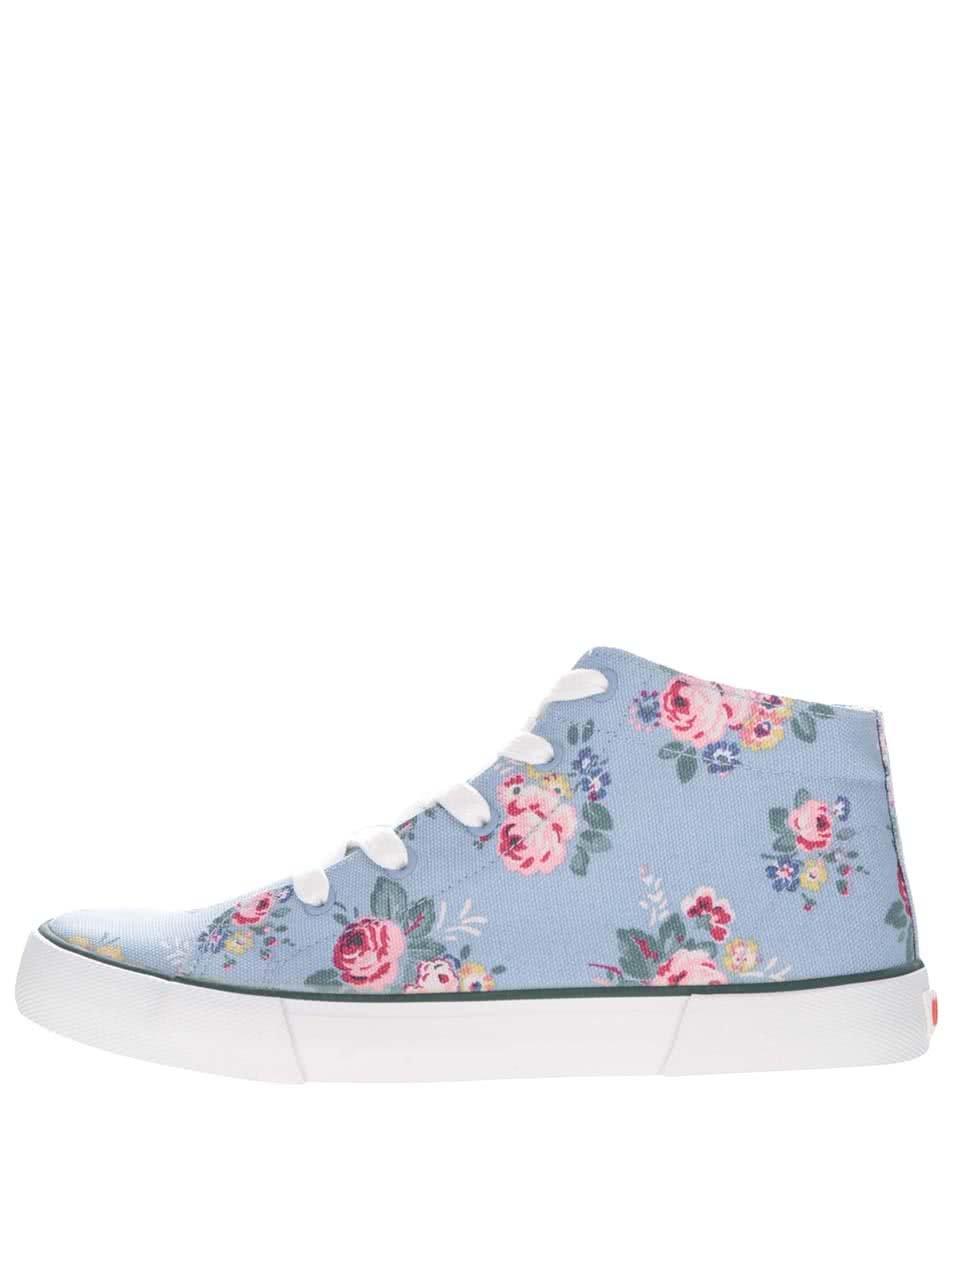 Modré dámské kotníkové tenisky s květinovým vzorem Cath Kidston